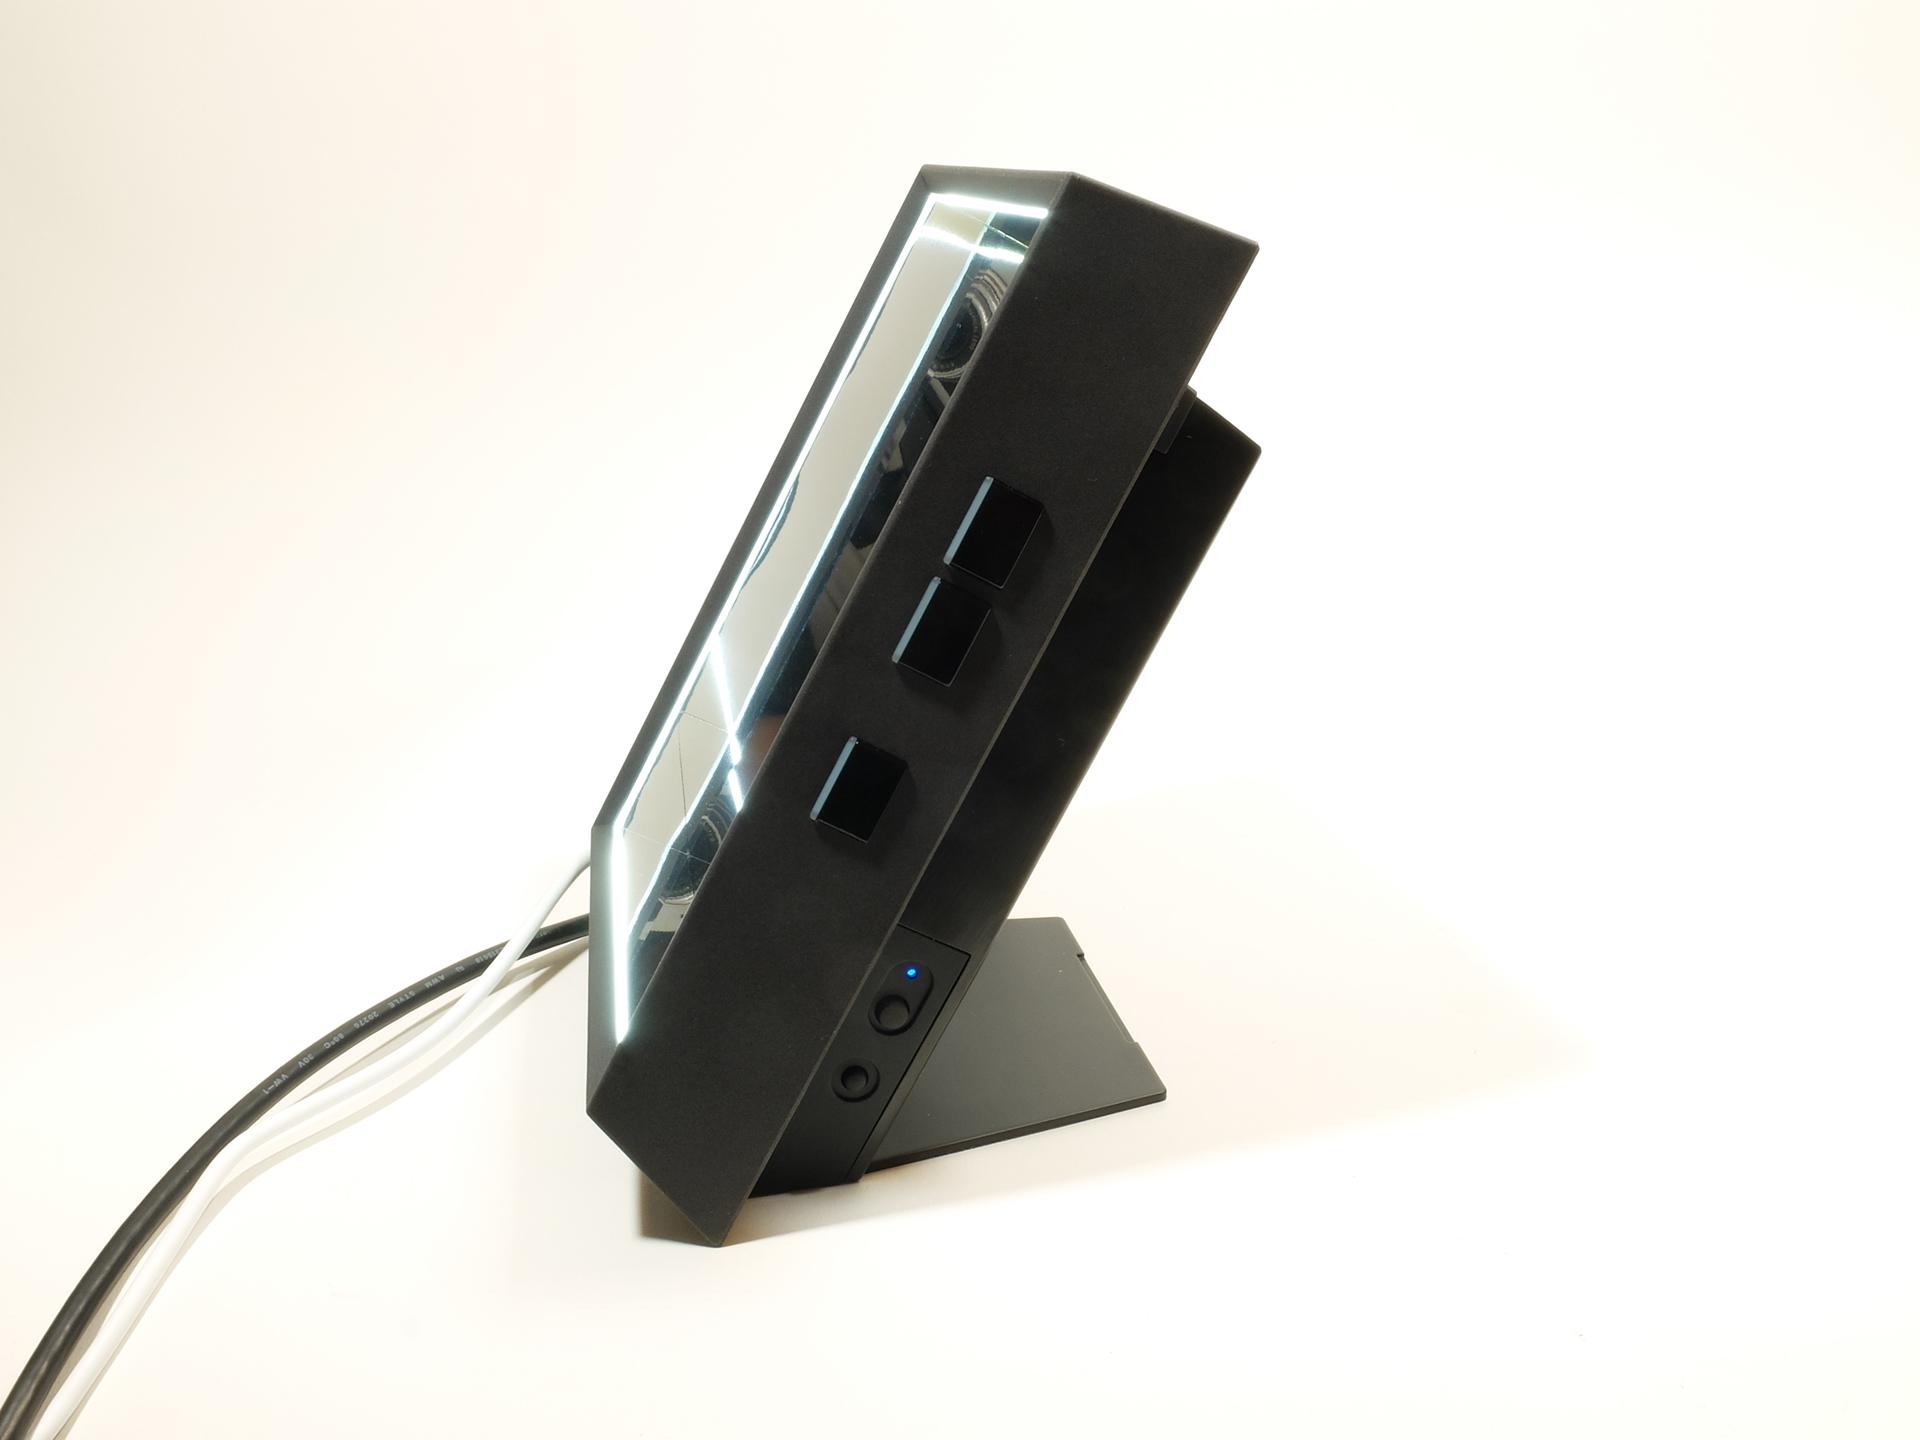 右側面には「スタンドアローンモード」の操作スイッチを装備。下部奥には電源スイッチとディスプレイの額縁部に内蔵するホワイトLEDのオンオフスイッチがある。額縁部のホワイトLEDは4段階で明るさをコントロールできる